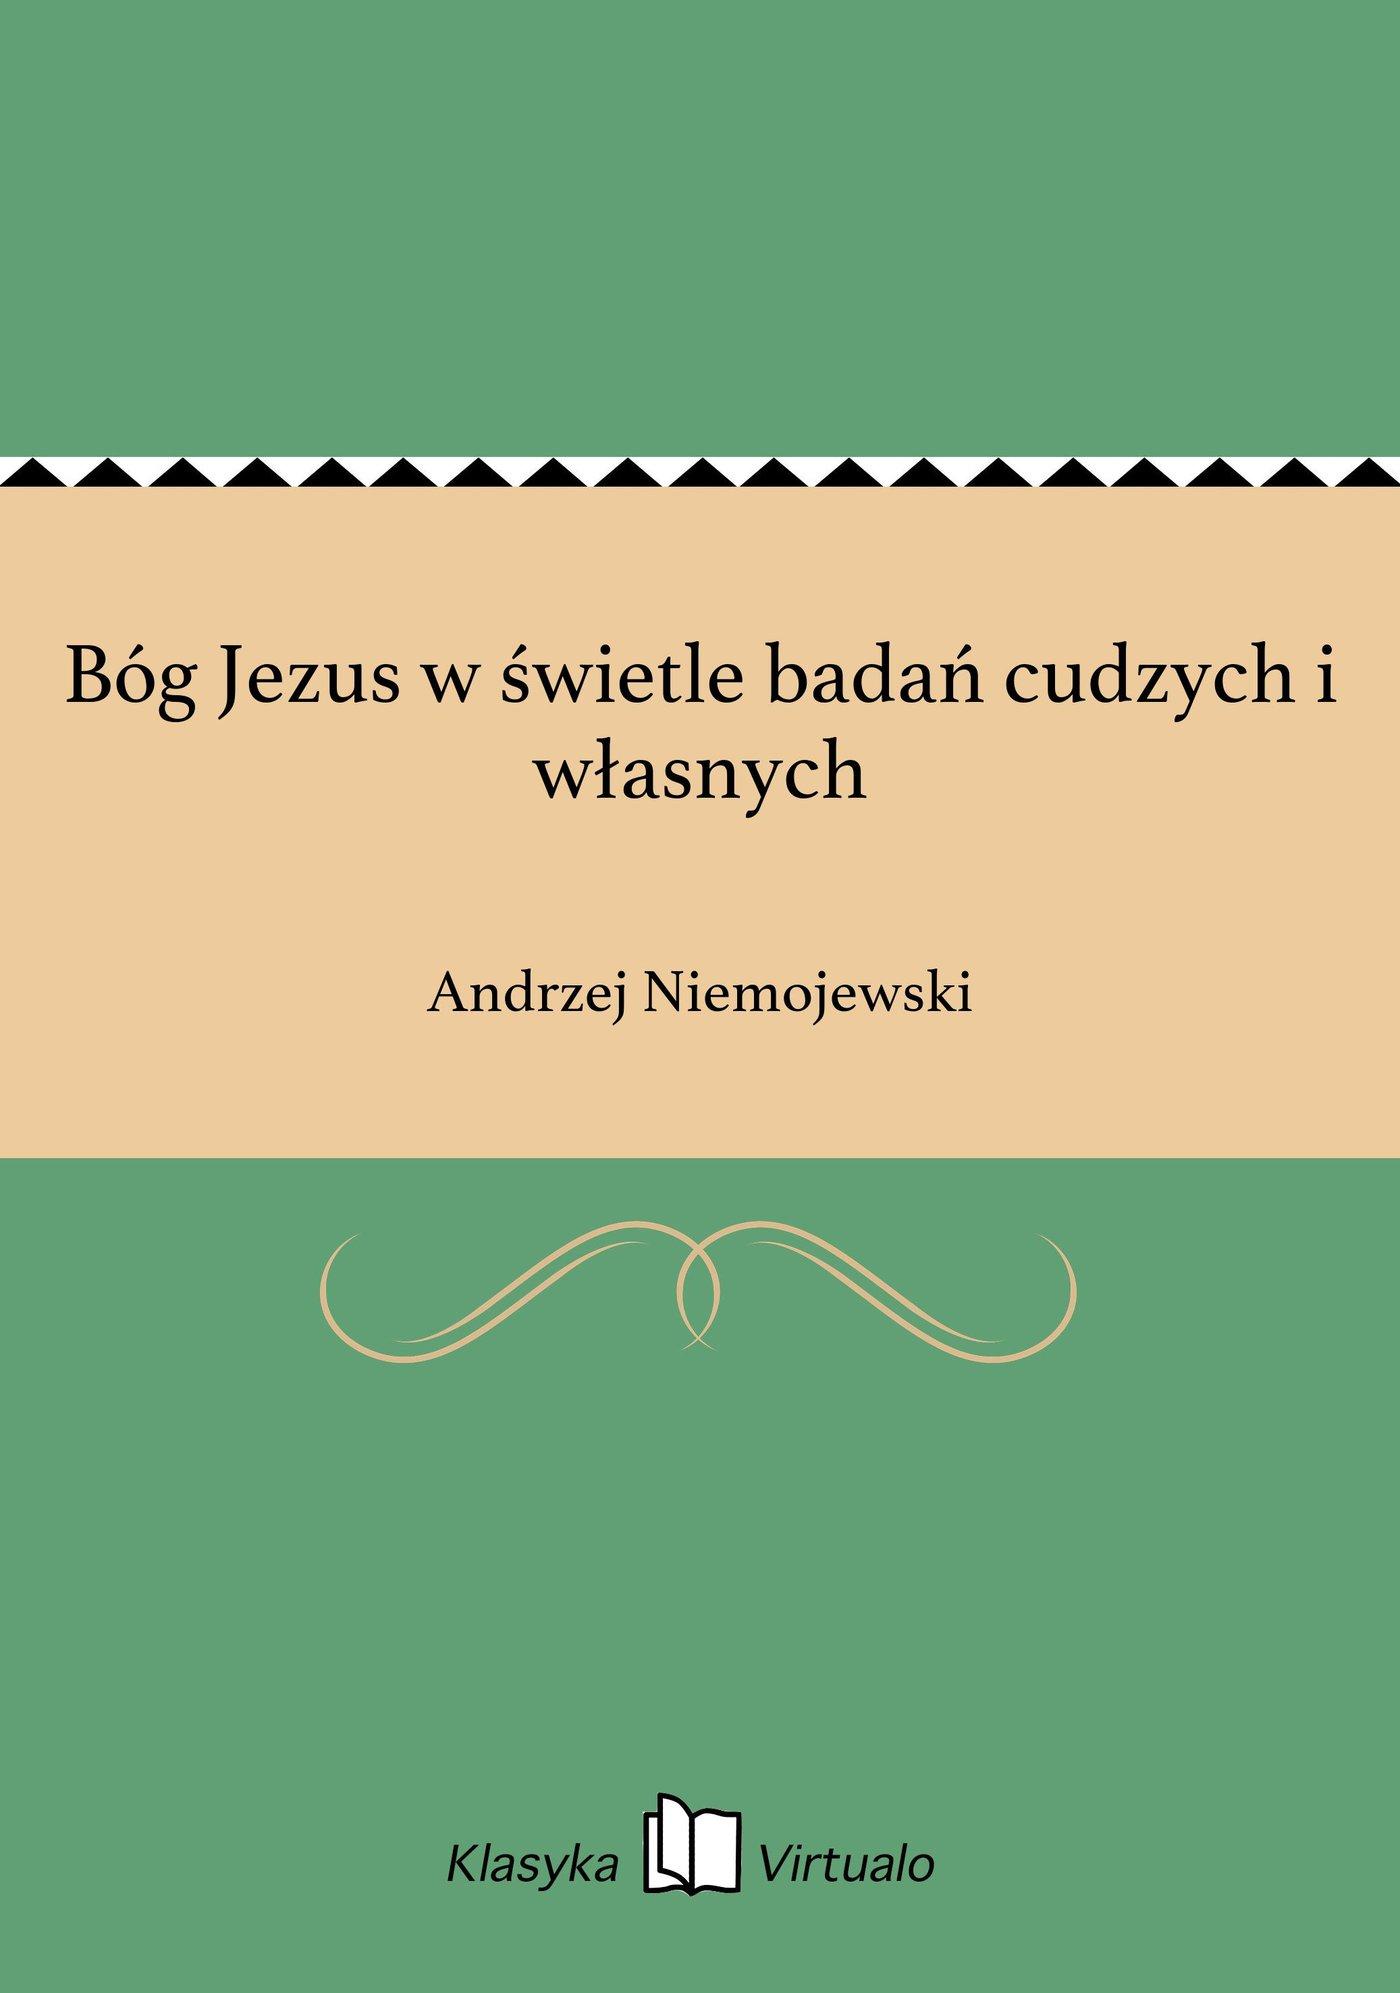 Bóg Jezus w świetle badań cudzych i własnych - Ebook (Książka EPUB) do pobrania w formacie EPUB